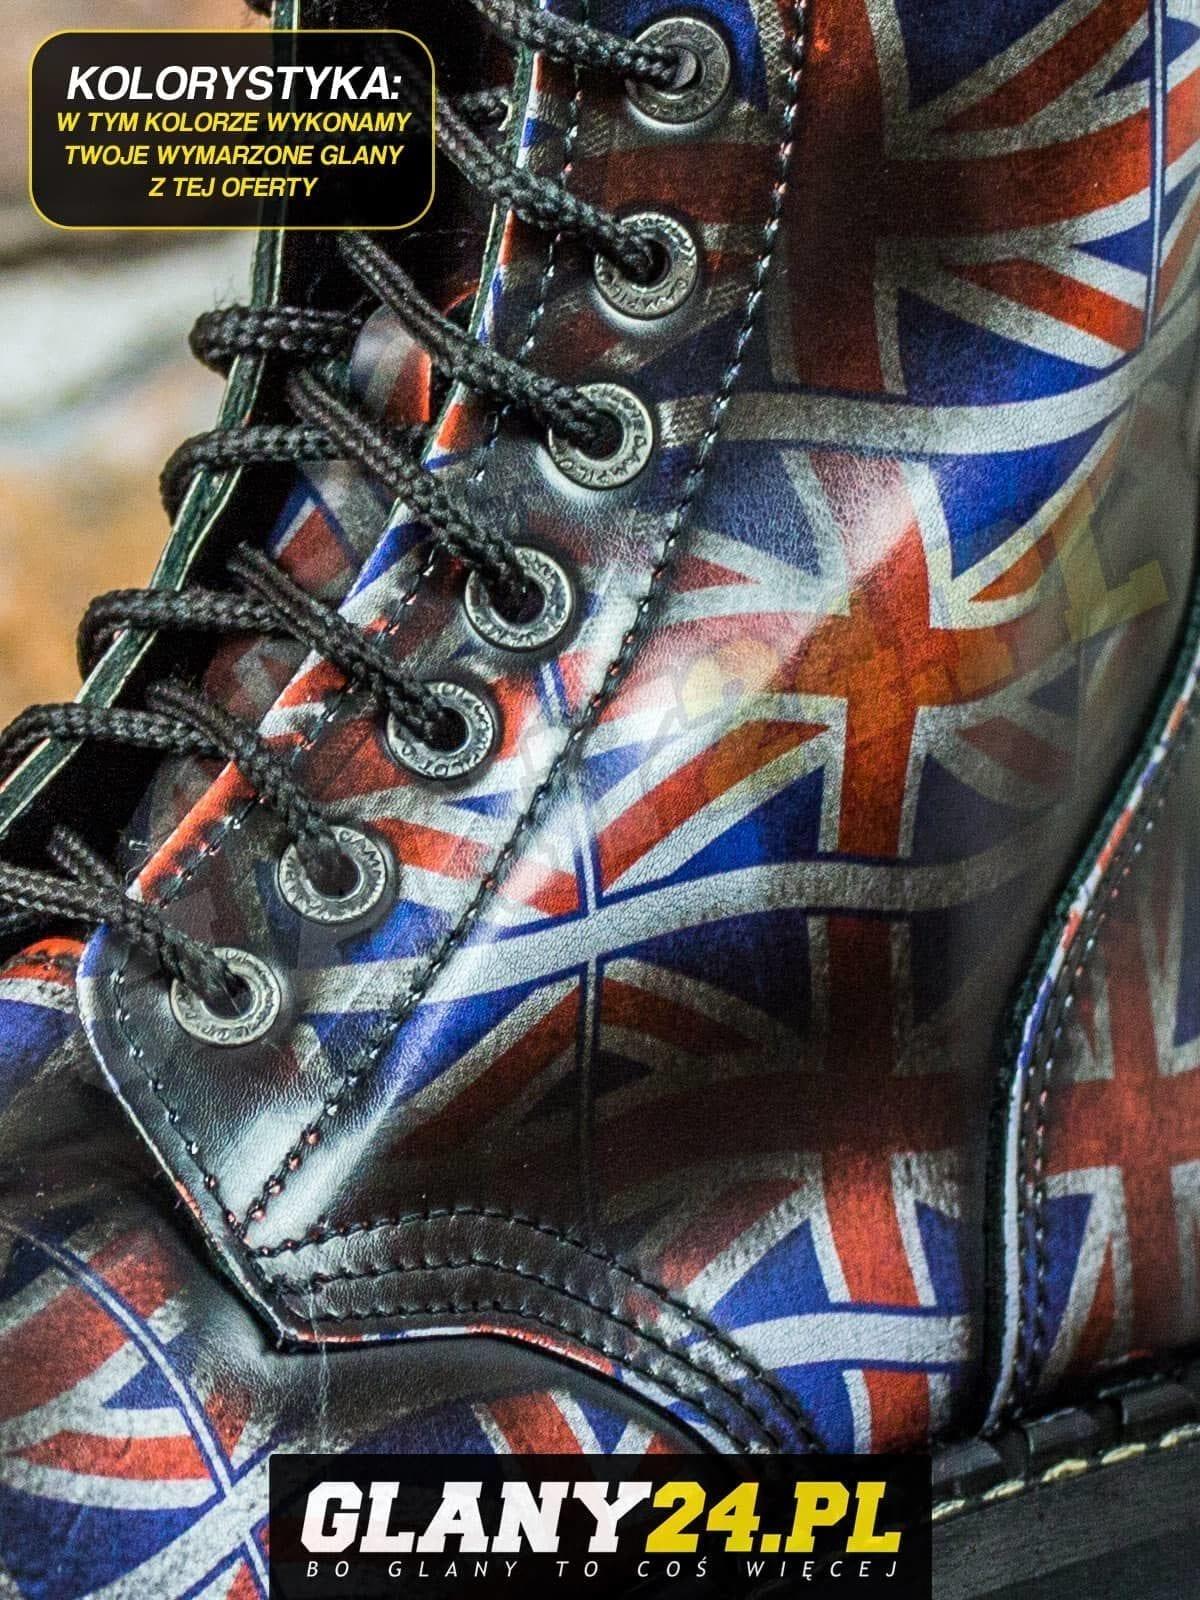 Glany przecierane na flagę Wielkiej Brytanii